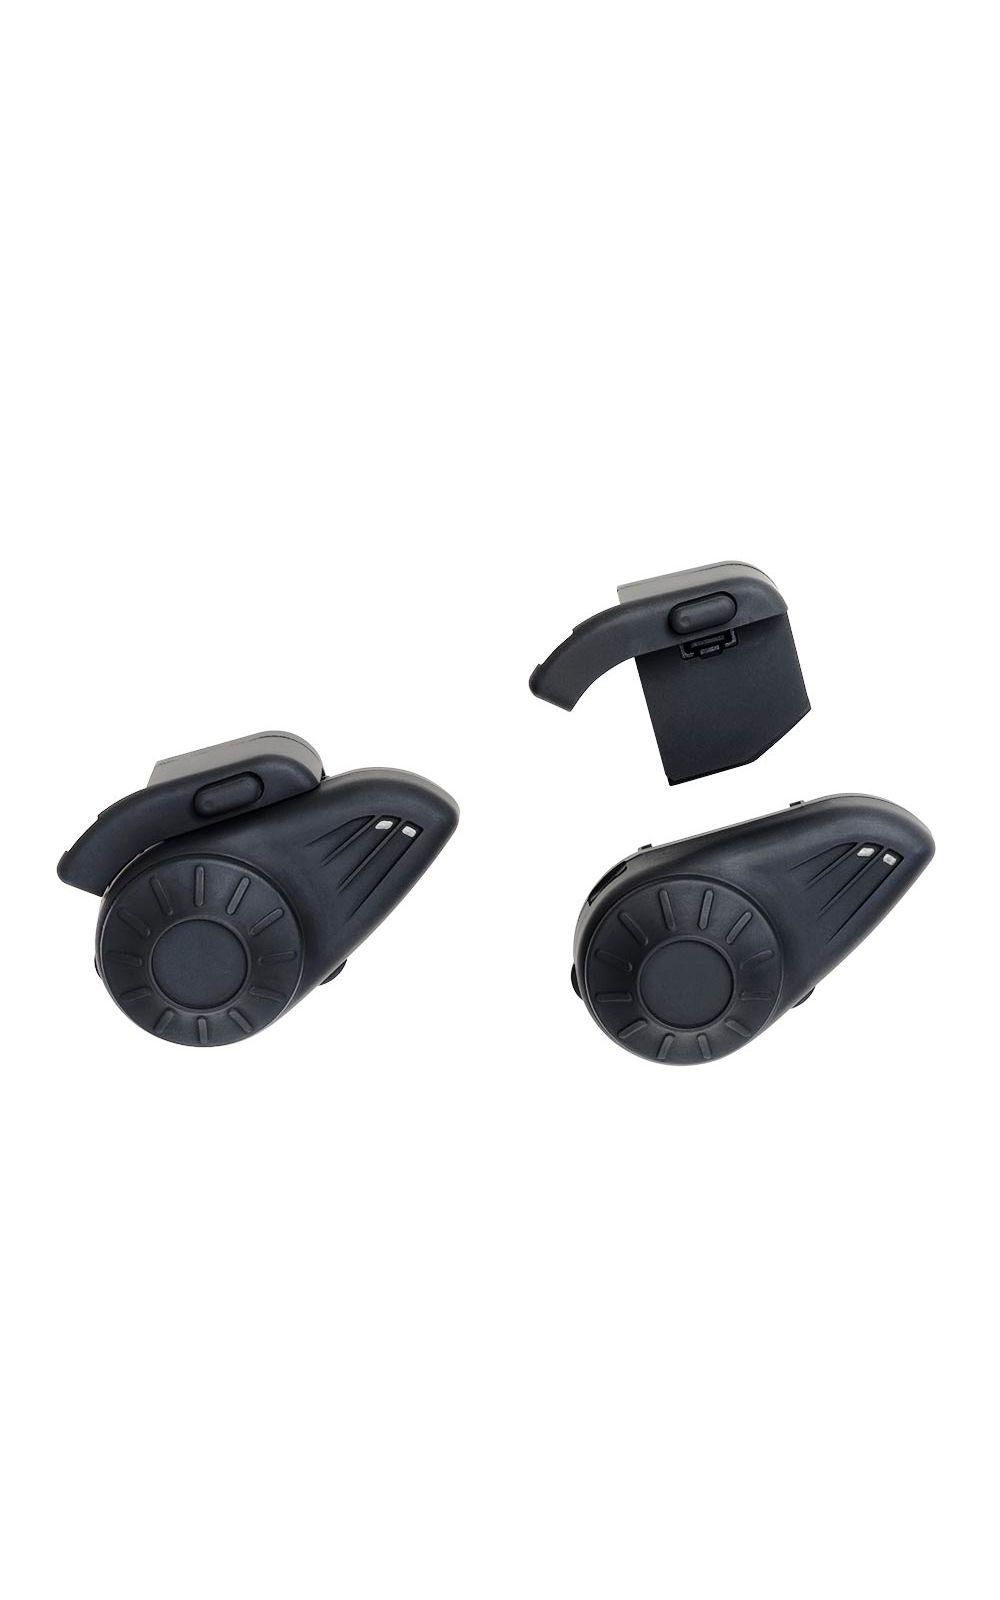 Foto 1 - Par de Intercomunicador para Capacete com Bluetooth Alcance até 10m para Musica e Ligação Preto Multilaser - MT605